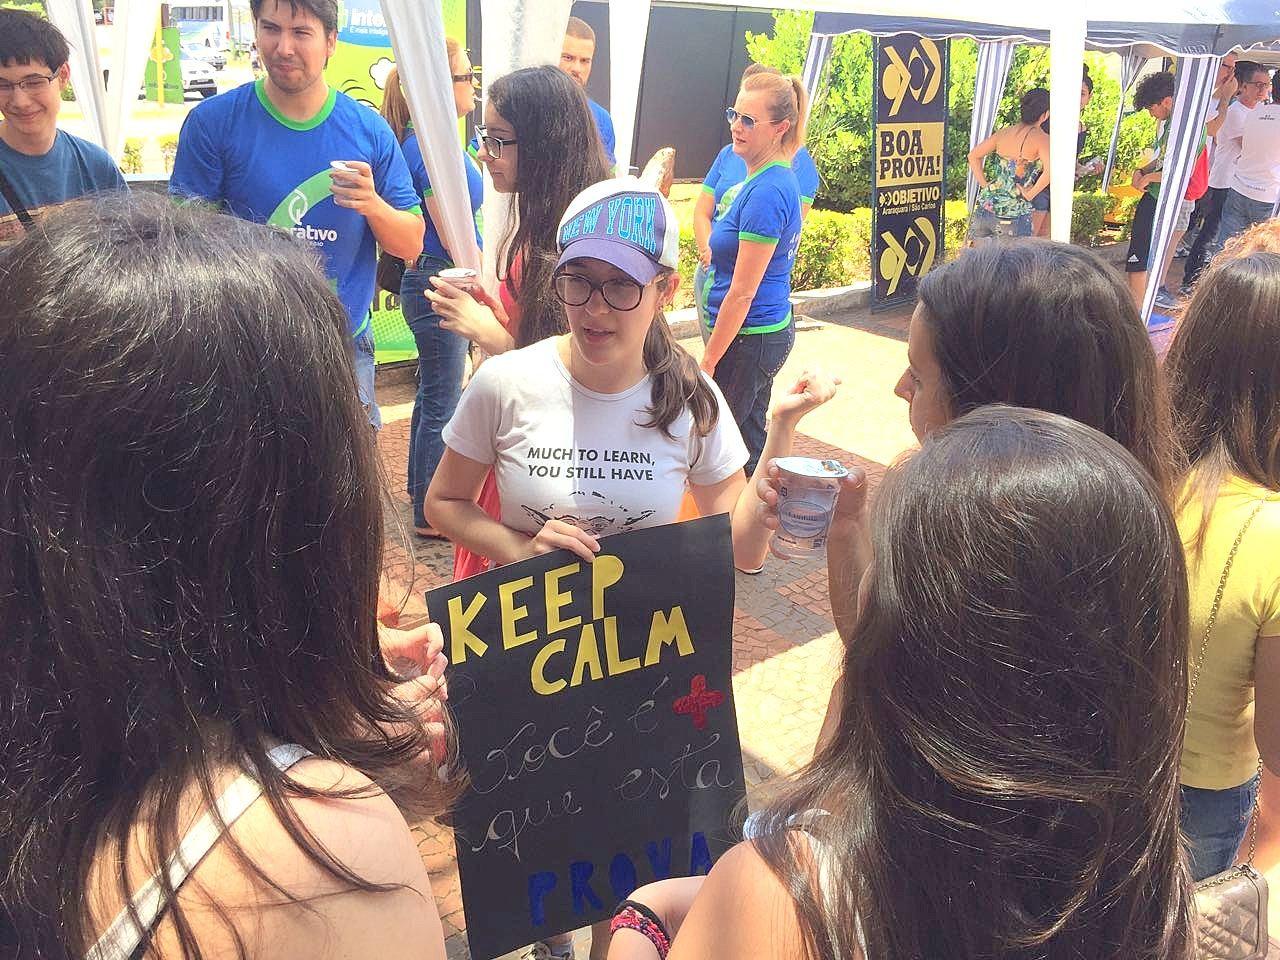 Estudantes que já enfrentaram vestibular levam oração e mensagens de apoio a novos candidatas da Unesp